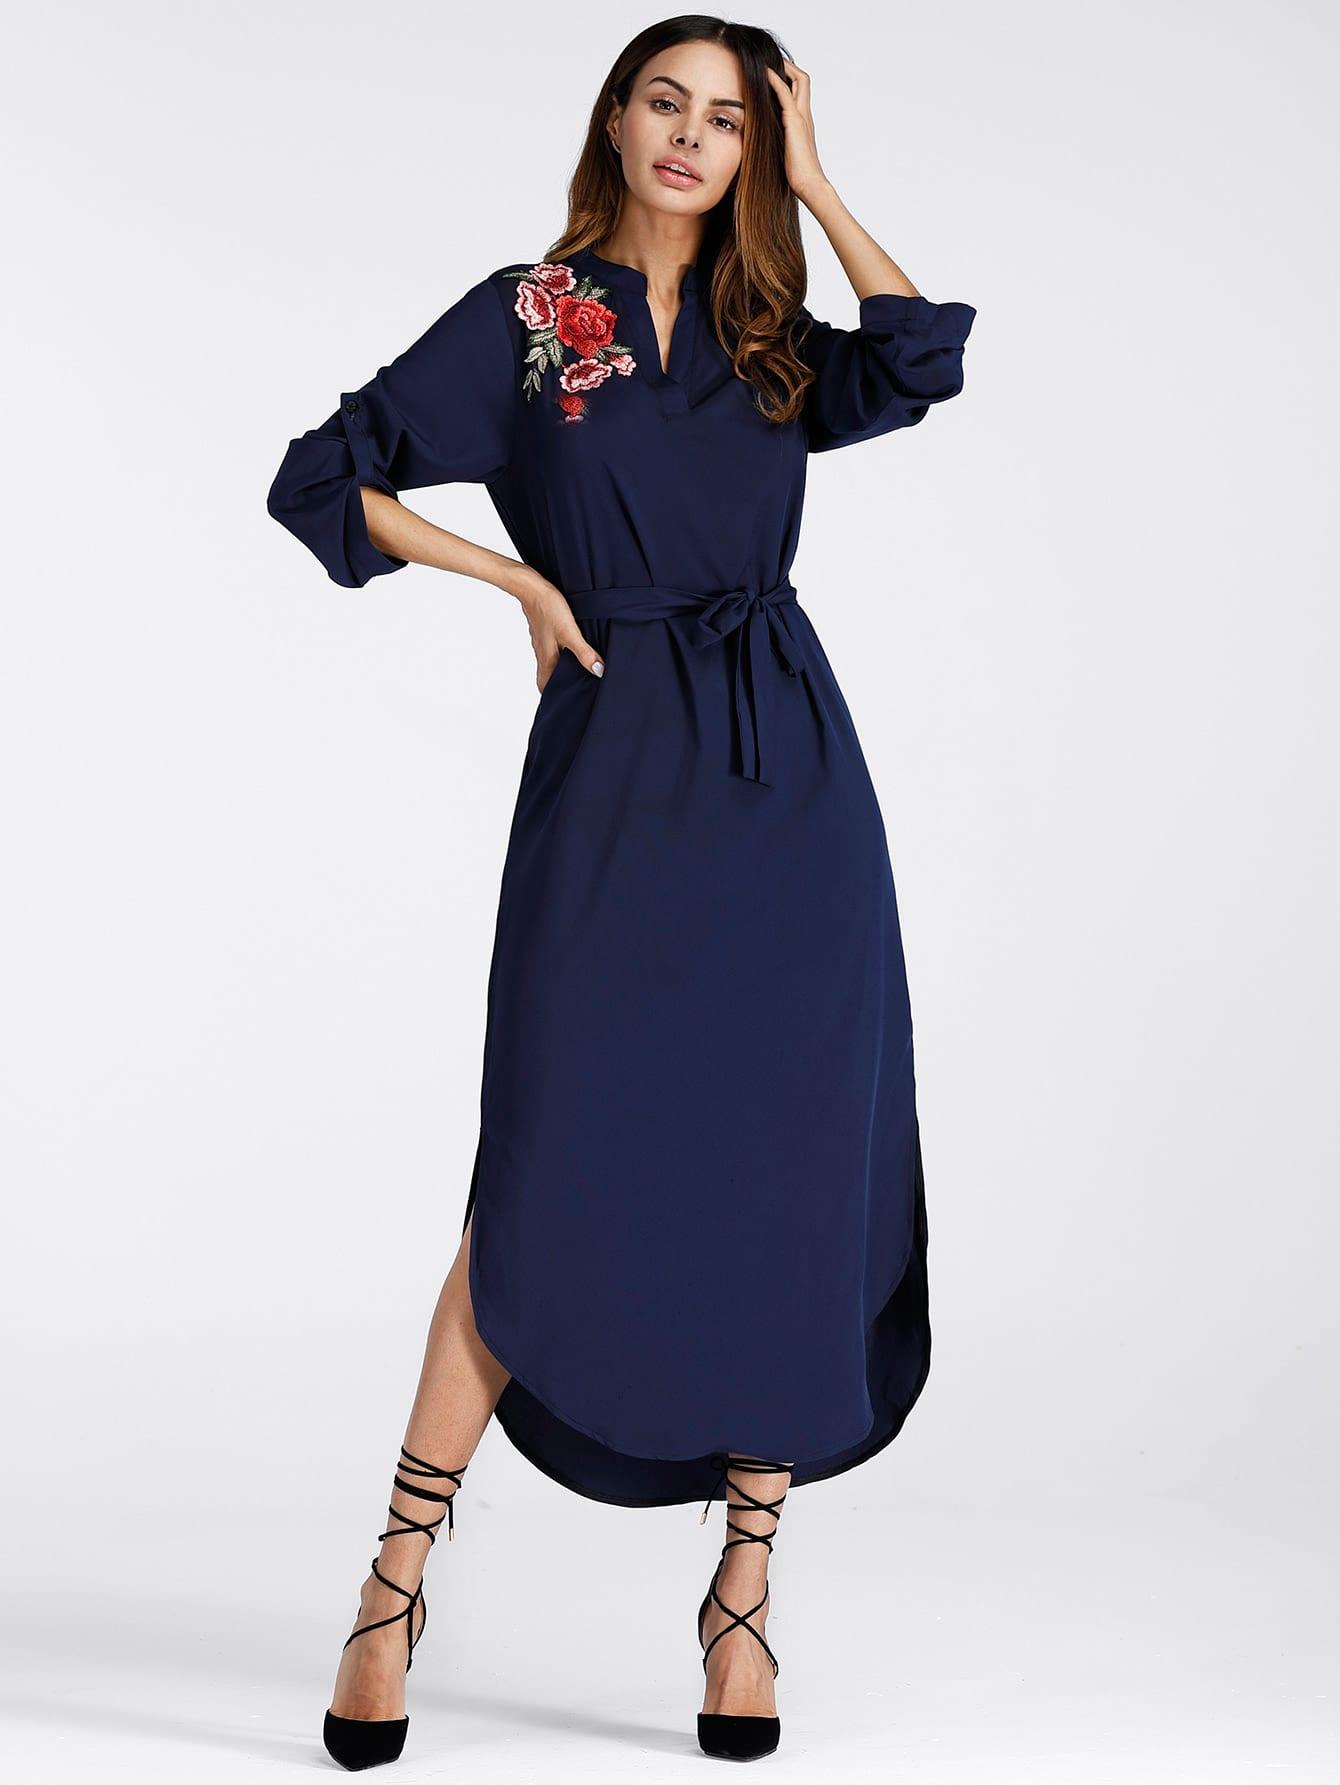 Embroidered Rose Applique Side Split Belt Dress